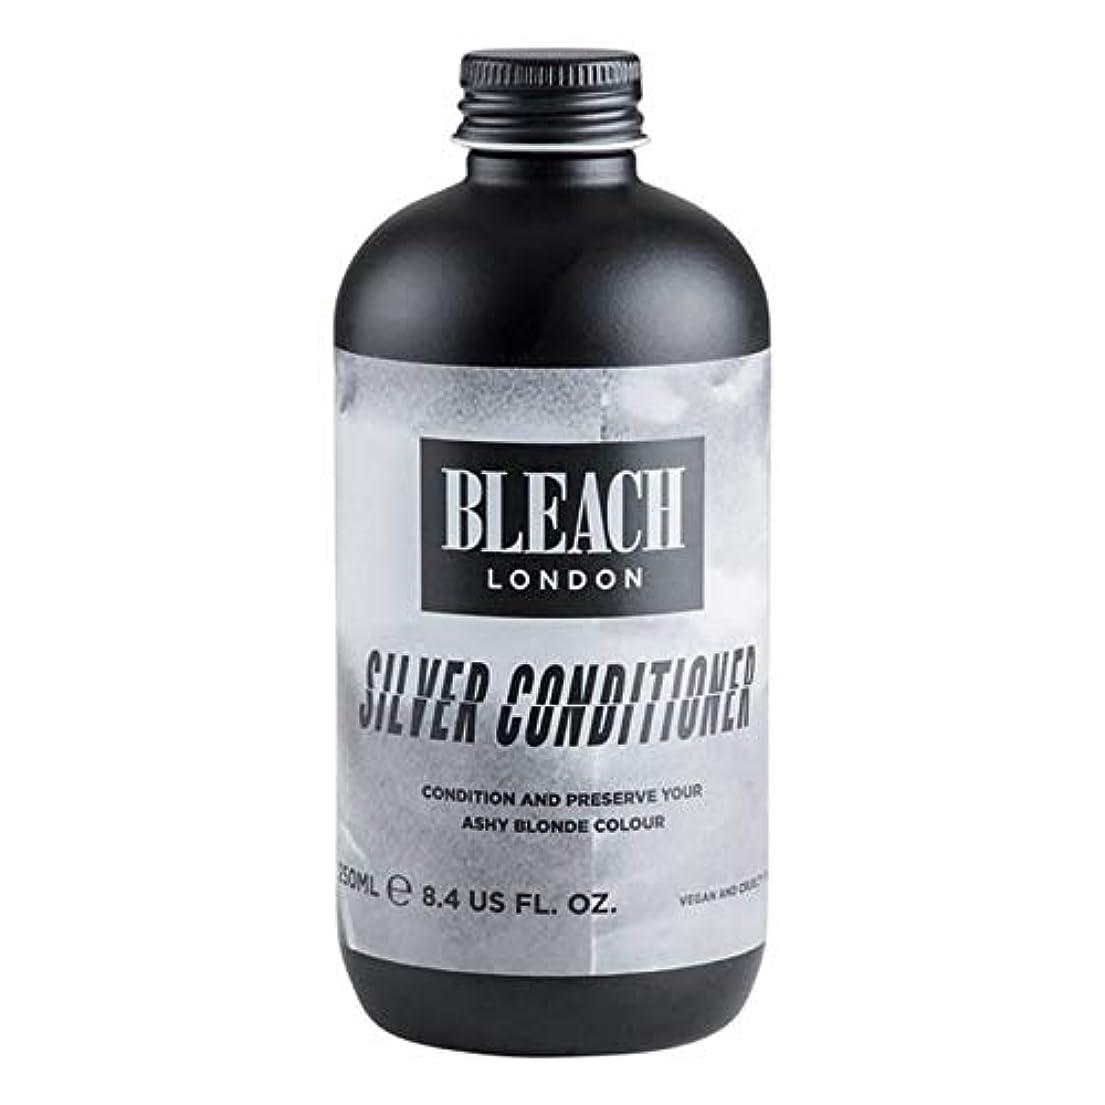 屋内とは異なり電話[Bleach London ] 漂白ロンドン銀コンディショナー250Ml - Bleach London Silver Conditioner 250ml [並行輸入品]